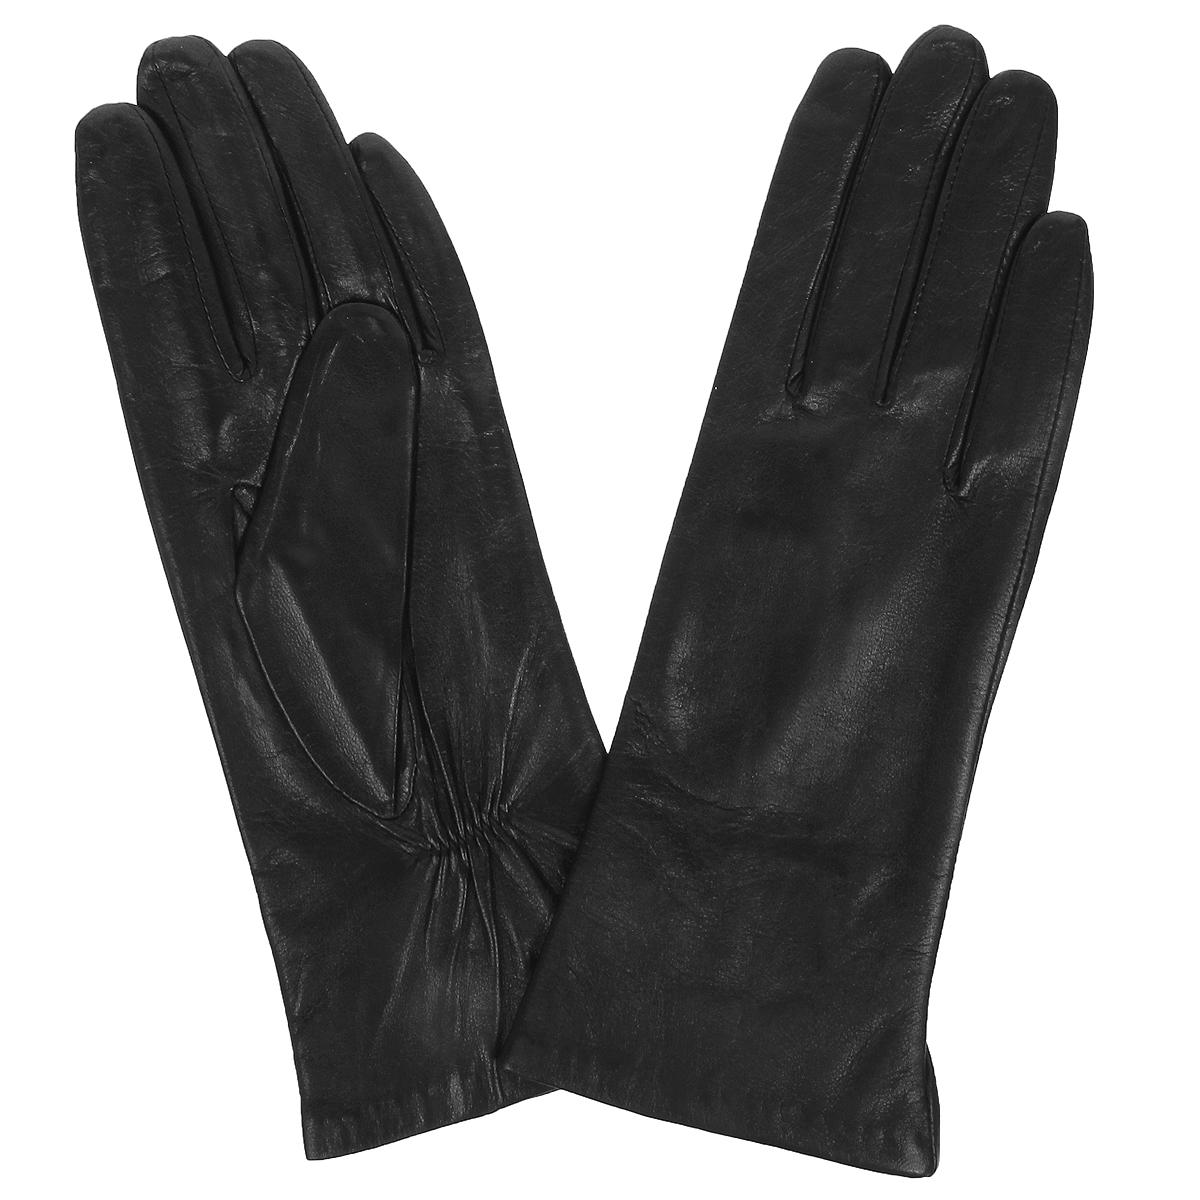 Перчатки женские. S9704S9704Стильные женские перчатки Baggini не только защитят ваши руки от холода, но и станут великолепным украшением. Перчатки выполнены из чрезвычайно мягкой и приятной на ощупь натуральной кожи ягненка на хлопковой подкладке. С тыльной стороны на запястье перчатки присборена на резинку. В настоящее время перчатки являются неотъемлемой принадлежностью одежды, вместе с этим аксессуаром вы обретаете женственность и элегантность. Перчатки станут завершающим и подчеркивающим элементом вашего стиля и неповторимости.